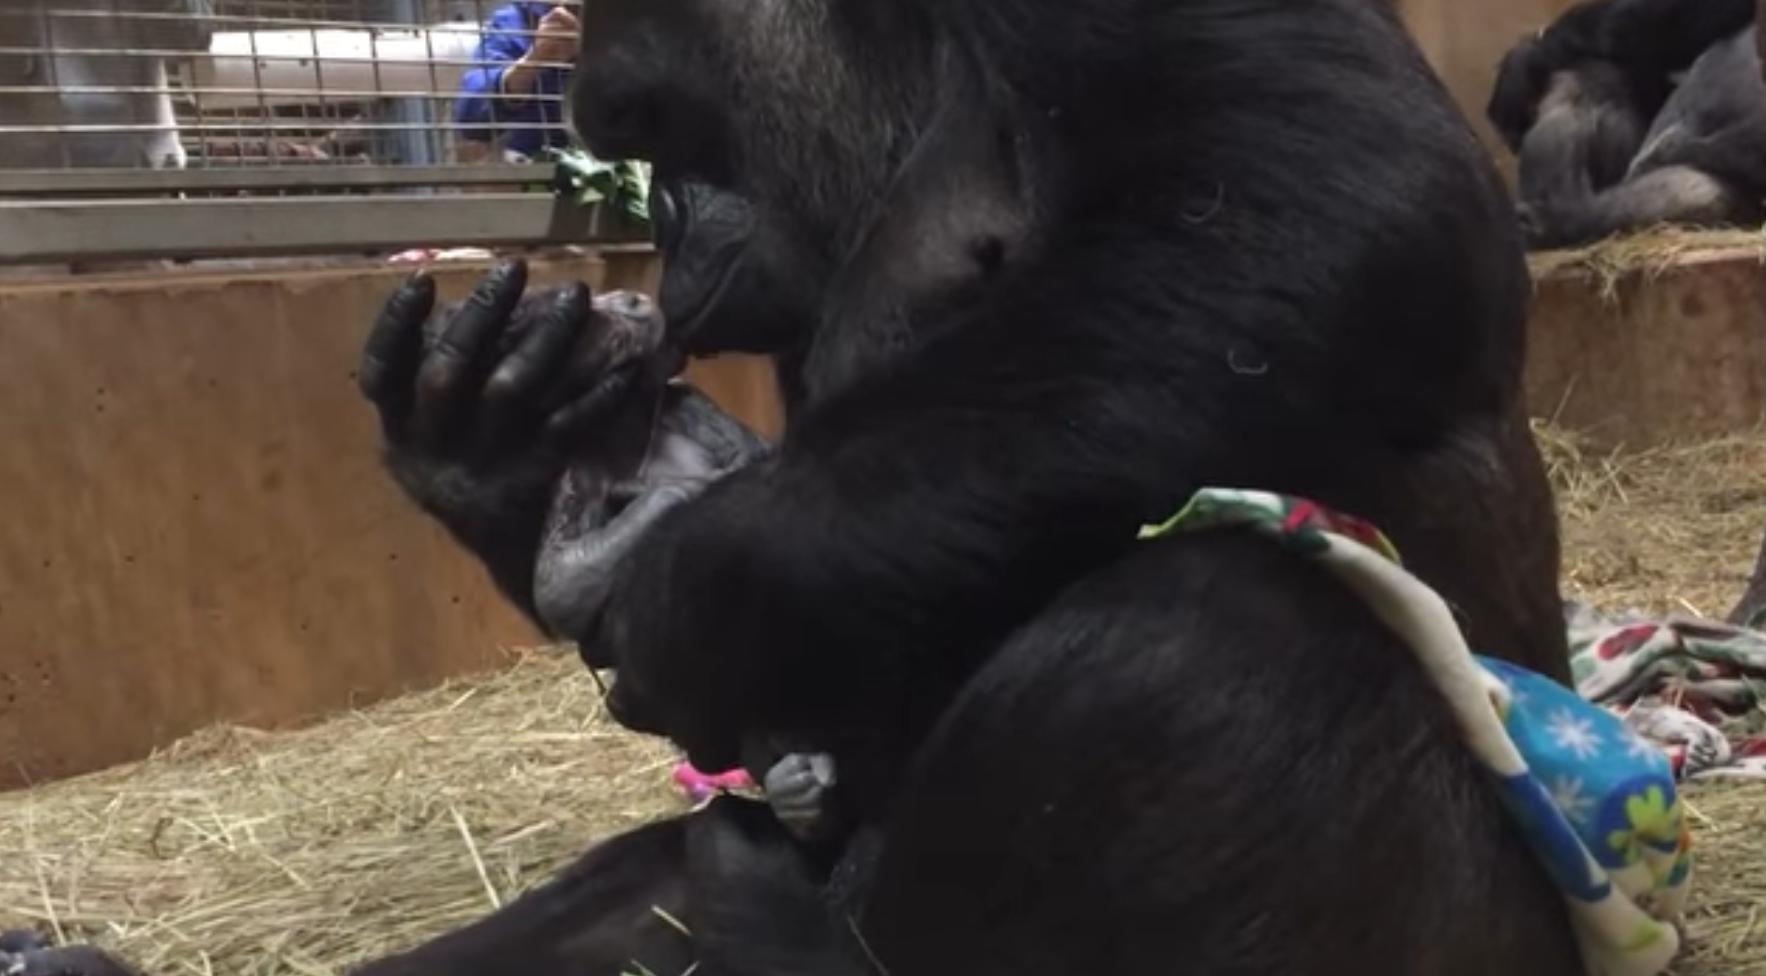 mamae gorila e flagrada mimando e beijando seu bebe recem nascido - Mamãe gorila é flagrada mimando e beijando seu bebê recém-nascido